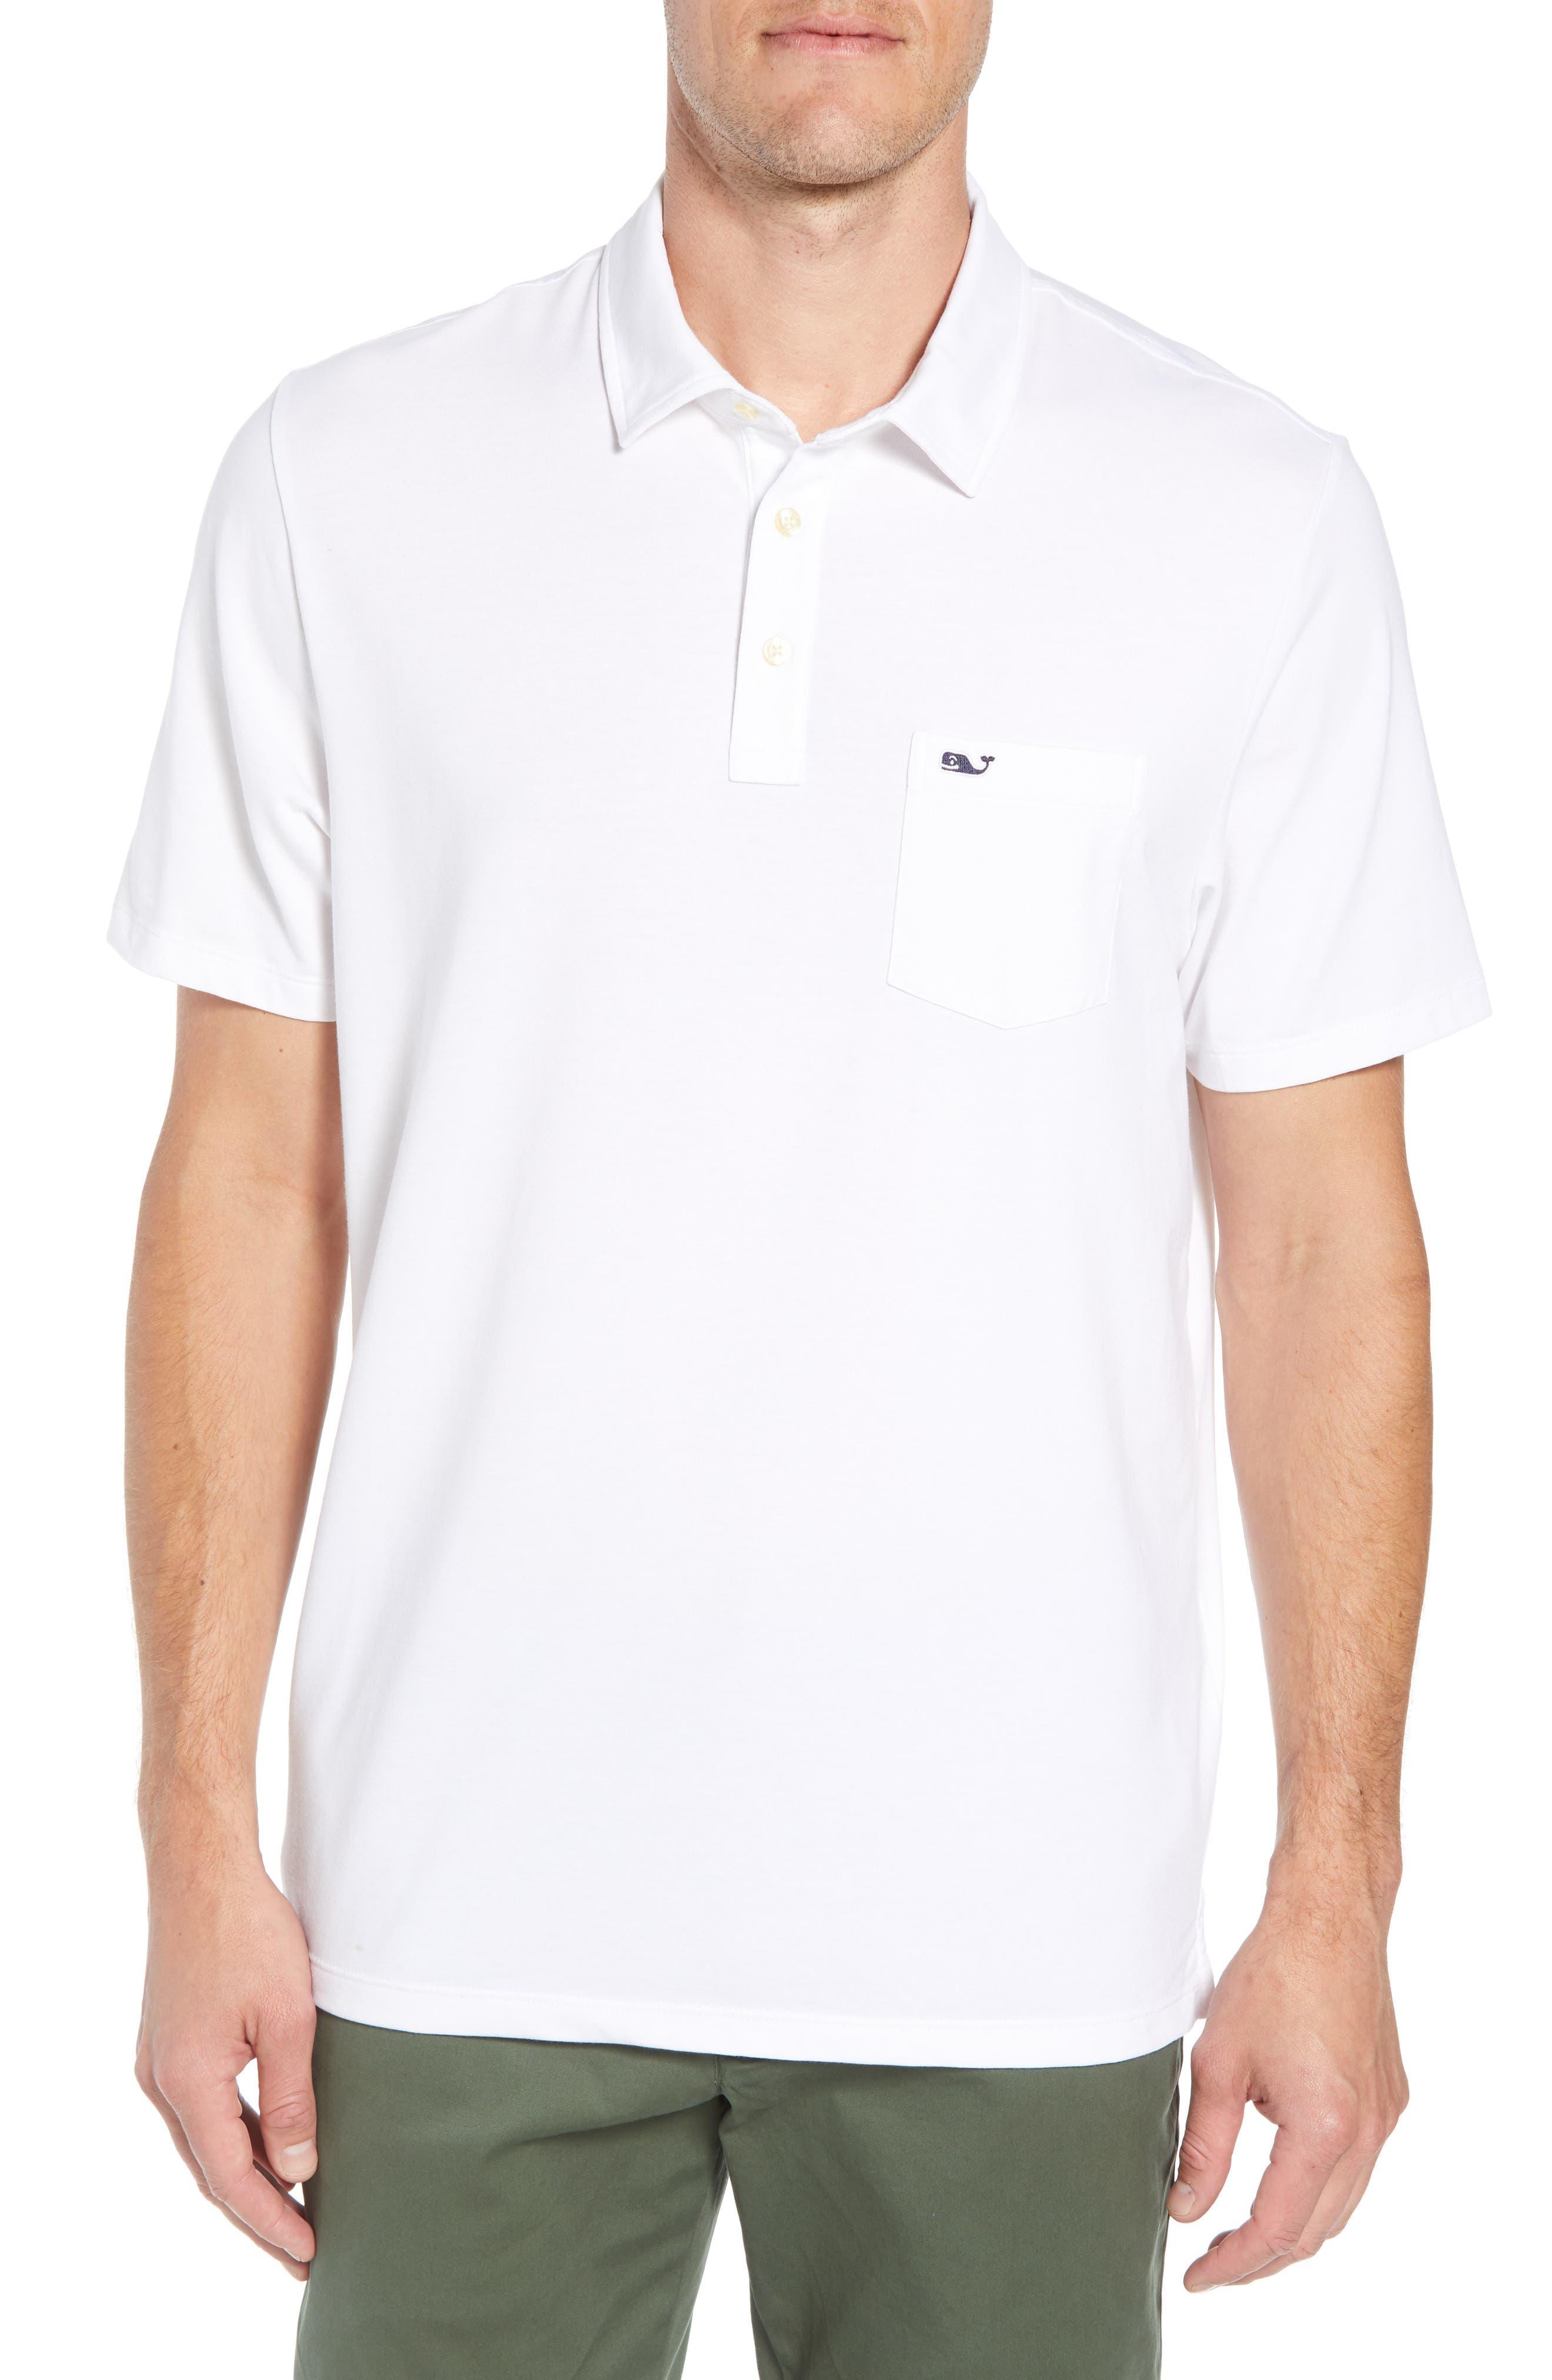 VINEYARD VINES Edgartown Polo Shirt, Main, color, WHITE CAP